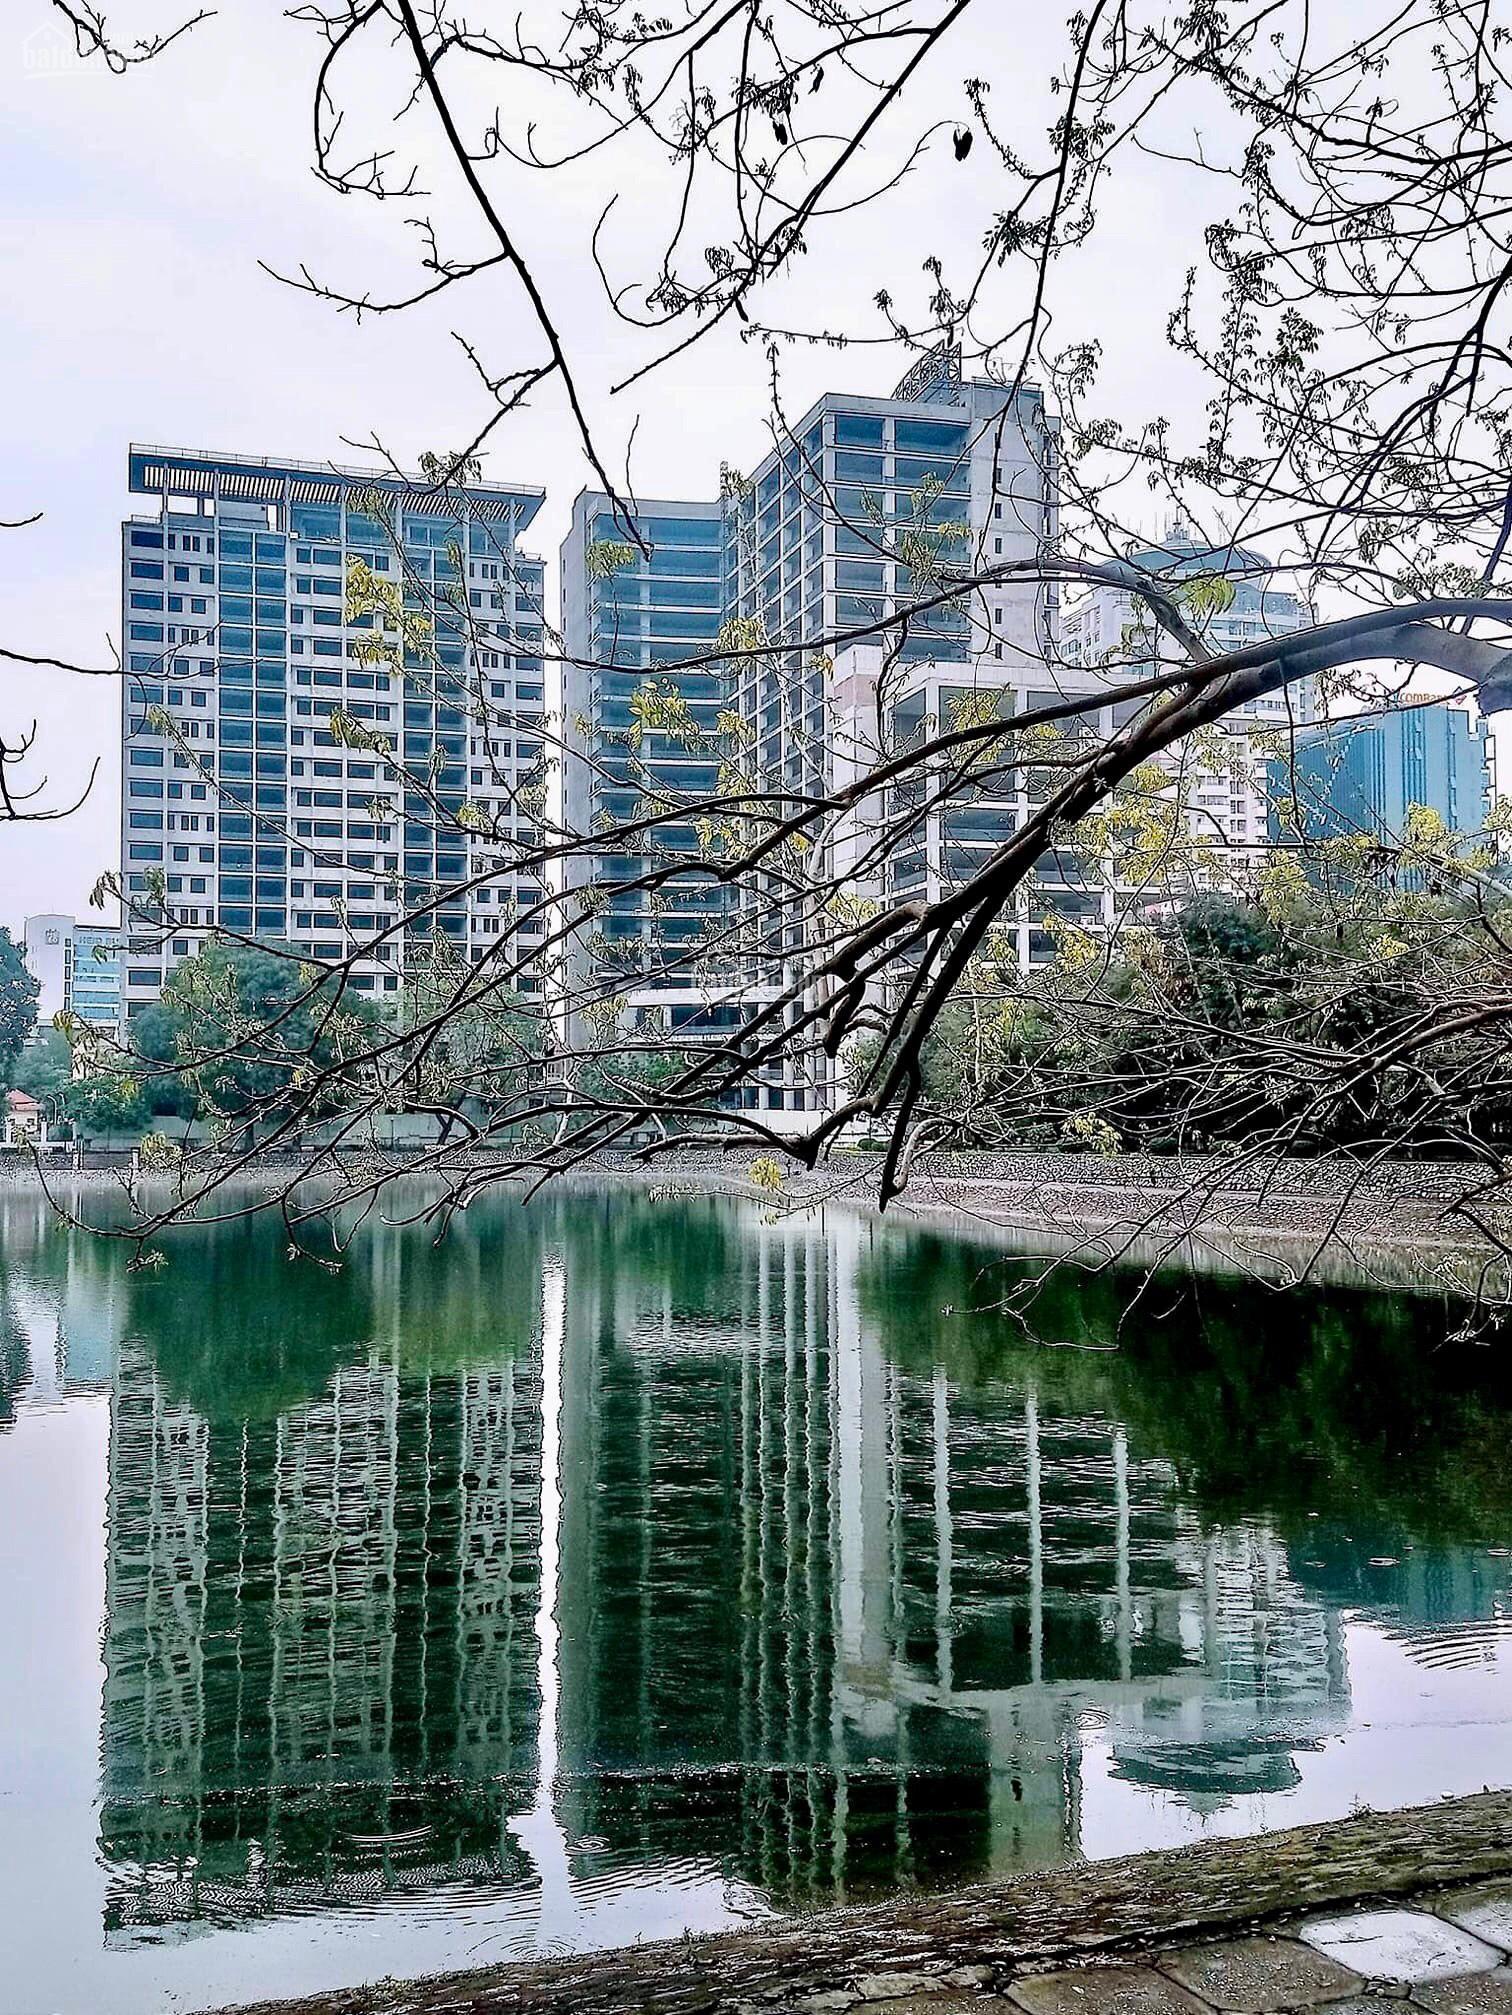 Bán chung cư trung tâm Ba Đình BRG Grand Plaza 16 Láng Hạ, view Hồ Thành Công từ 90tr/m2, vay LS 0%